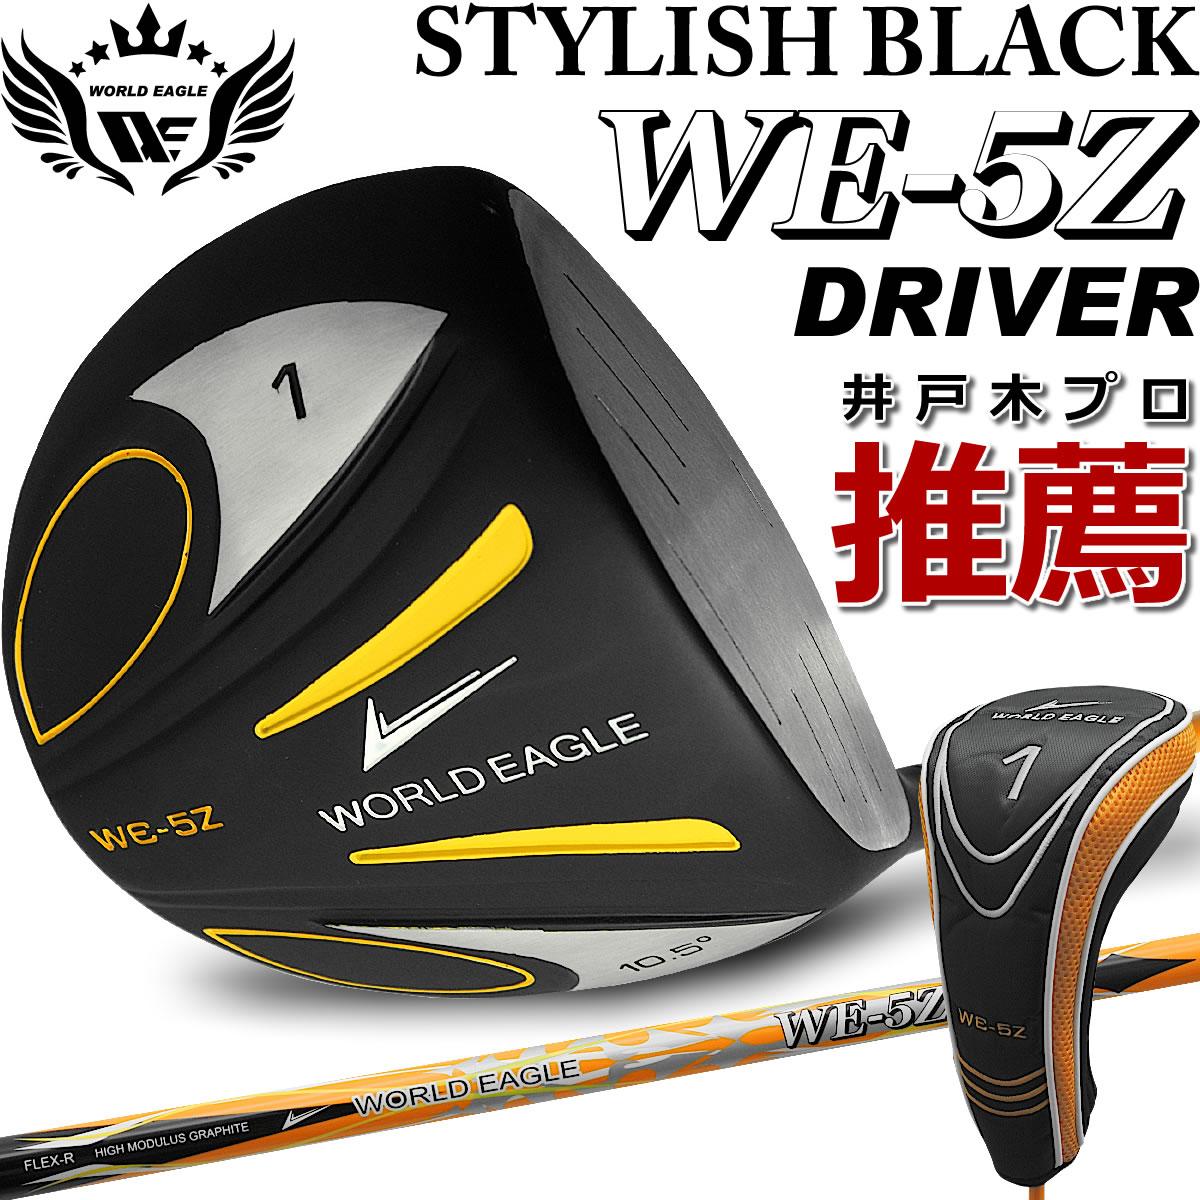 ゴルフ メンズ ドライバー 5Zブラック  ボールが上がりやすい設計 振り抜き安いヘッド形状 初心者の方にもおすすめ 井戸木プロ推薦 専用ヘッドカバー付き 右用 フレックスRとS【add-option】